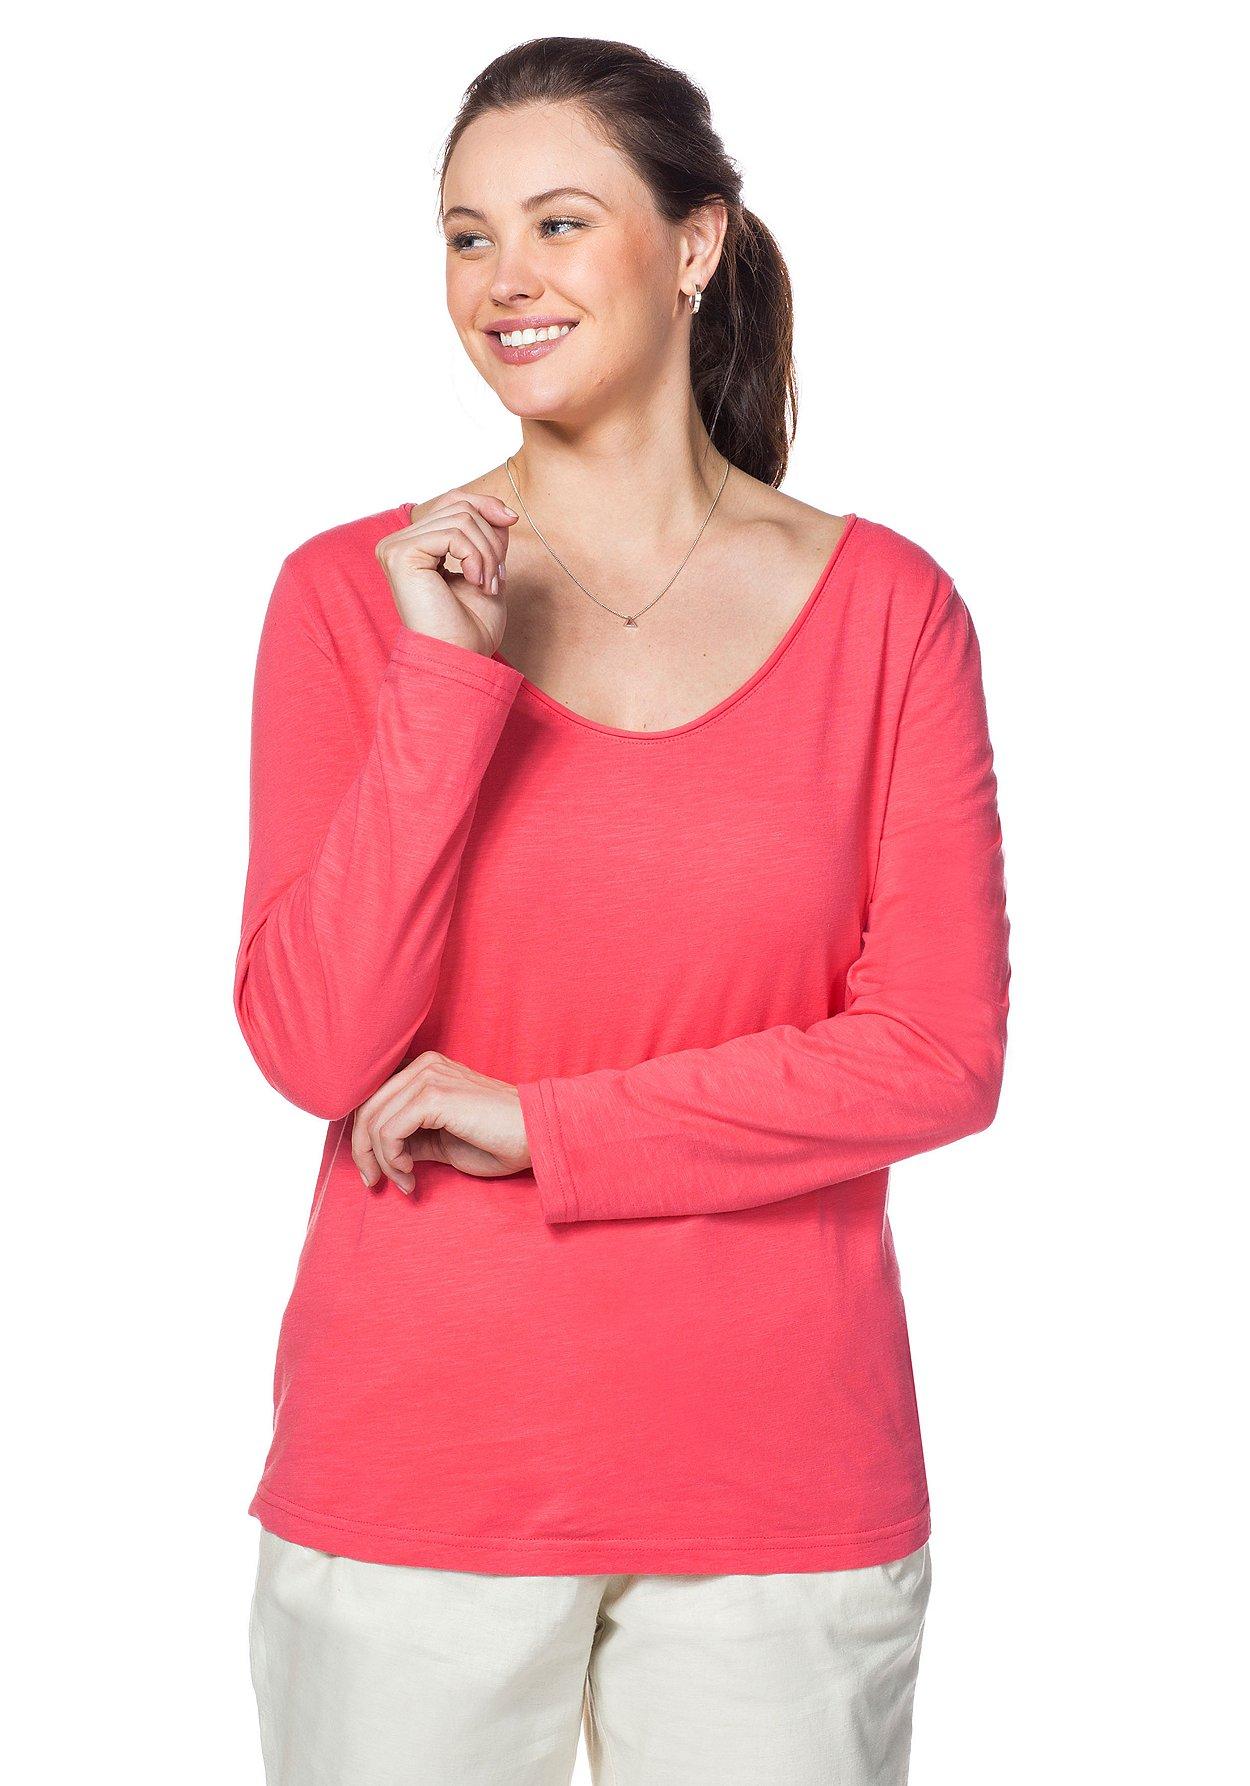 sheego damen langarm shirt rundhals pink top oberteil. Black Bedroom Furniture Sets. Home Design Ideas